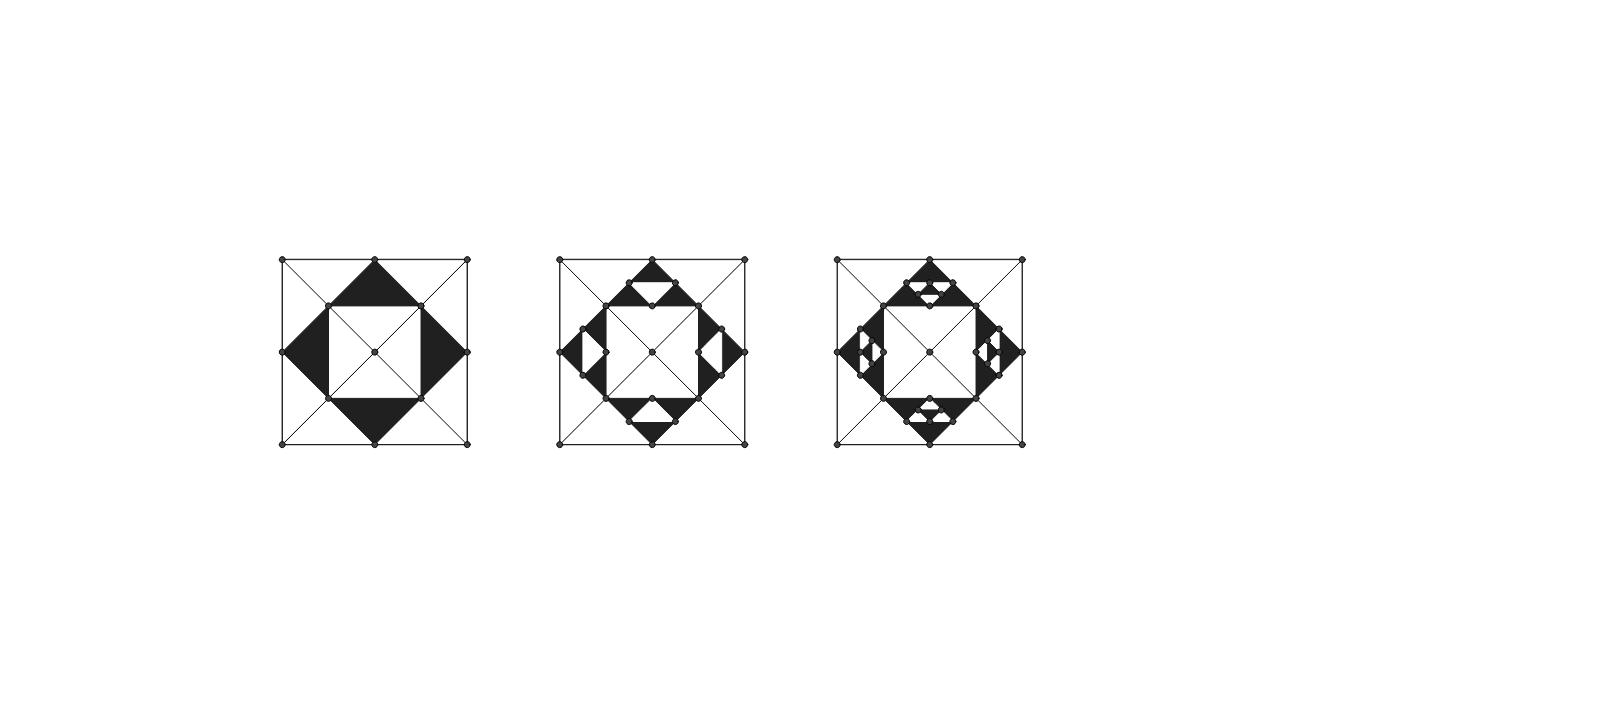 박찬근-1-2-2 그림 완성 - GeoGebra